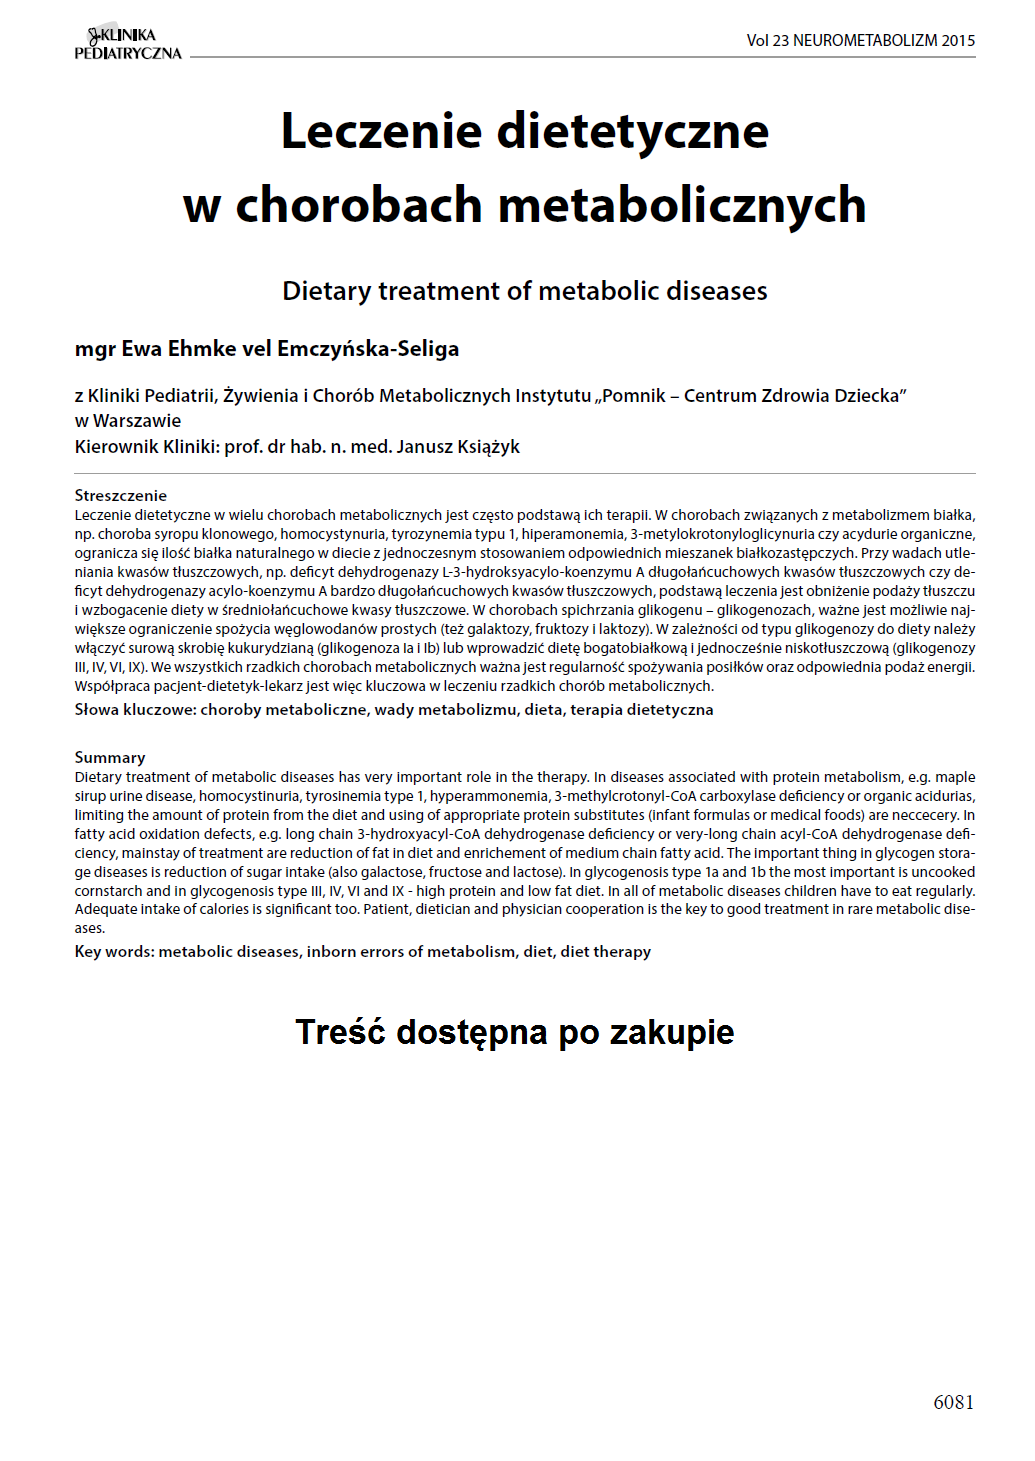 KP 2015-Neurometabolizm: Leczenie dietetyczne w chorobach metabolicznych